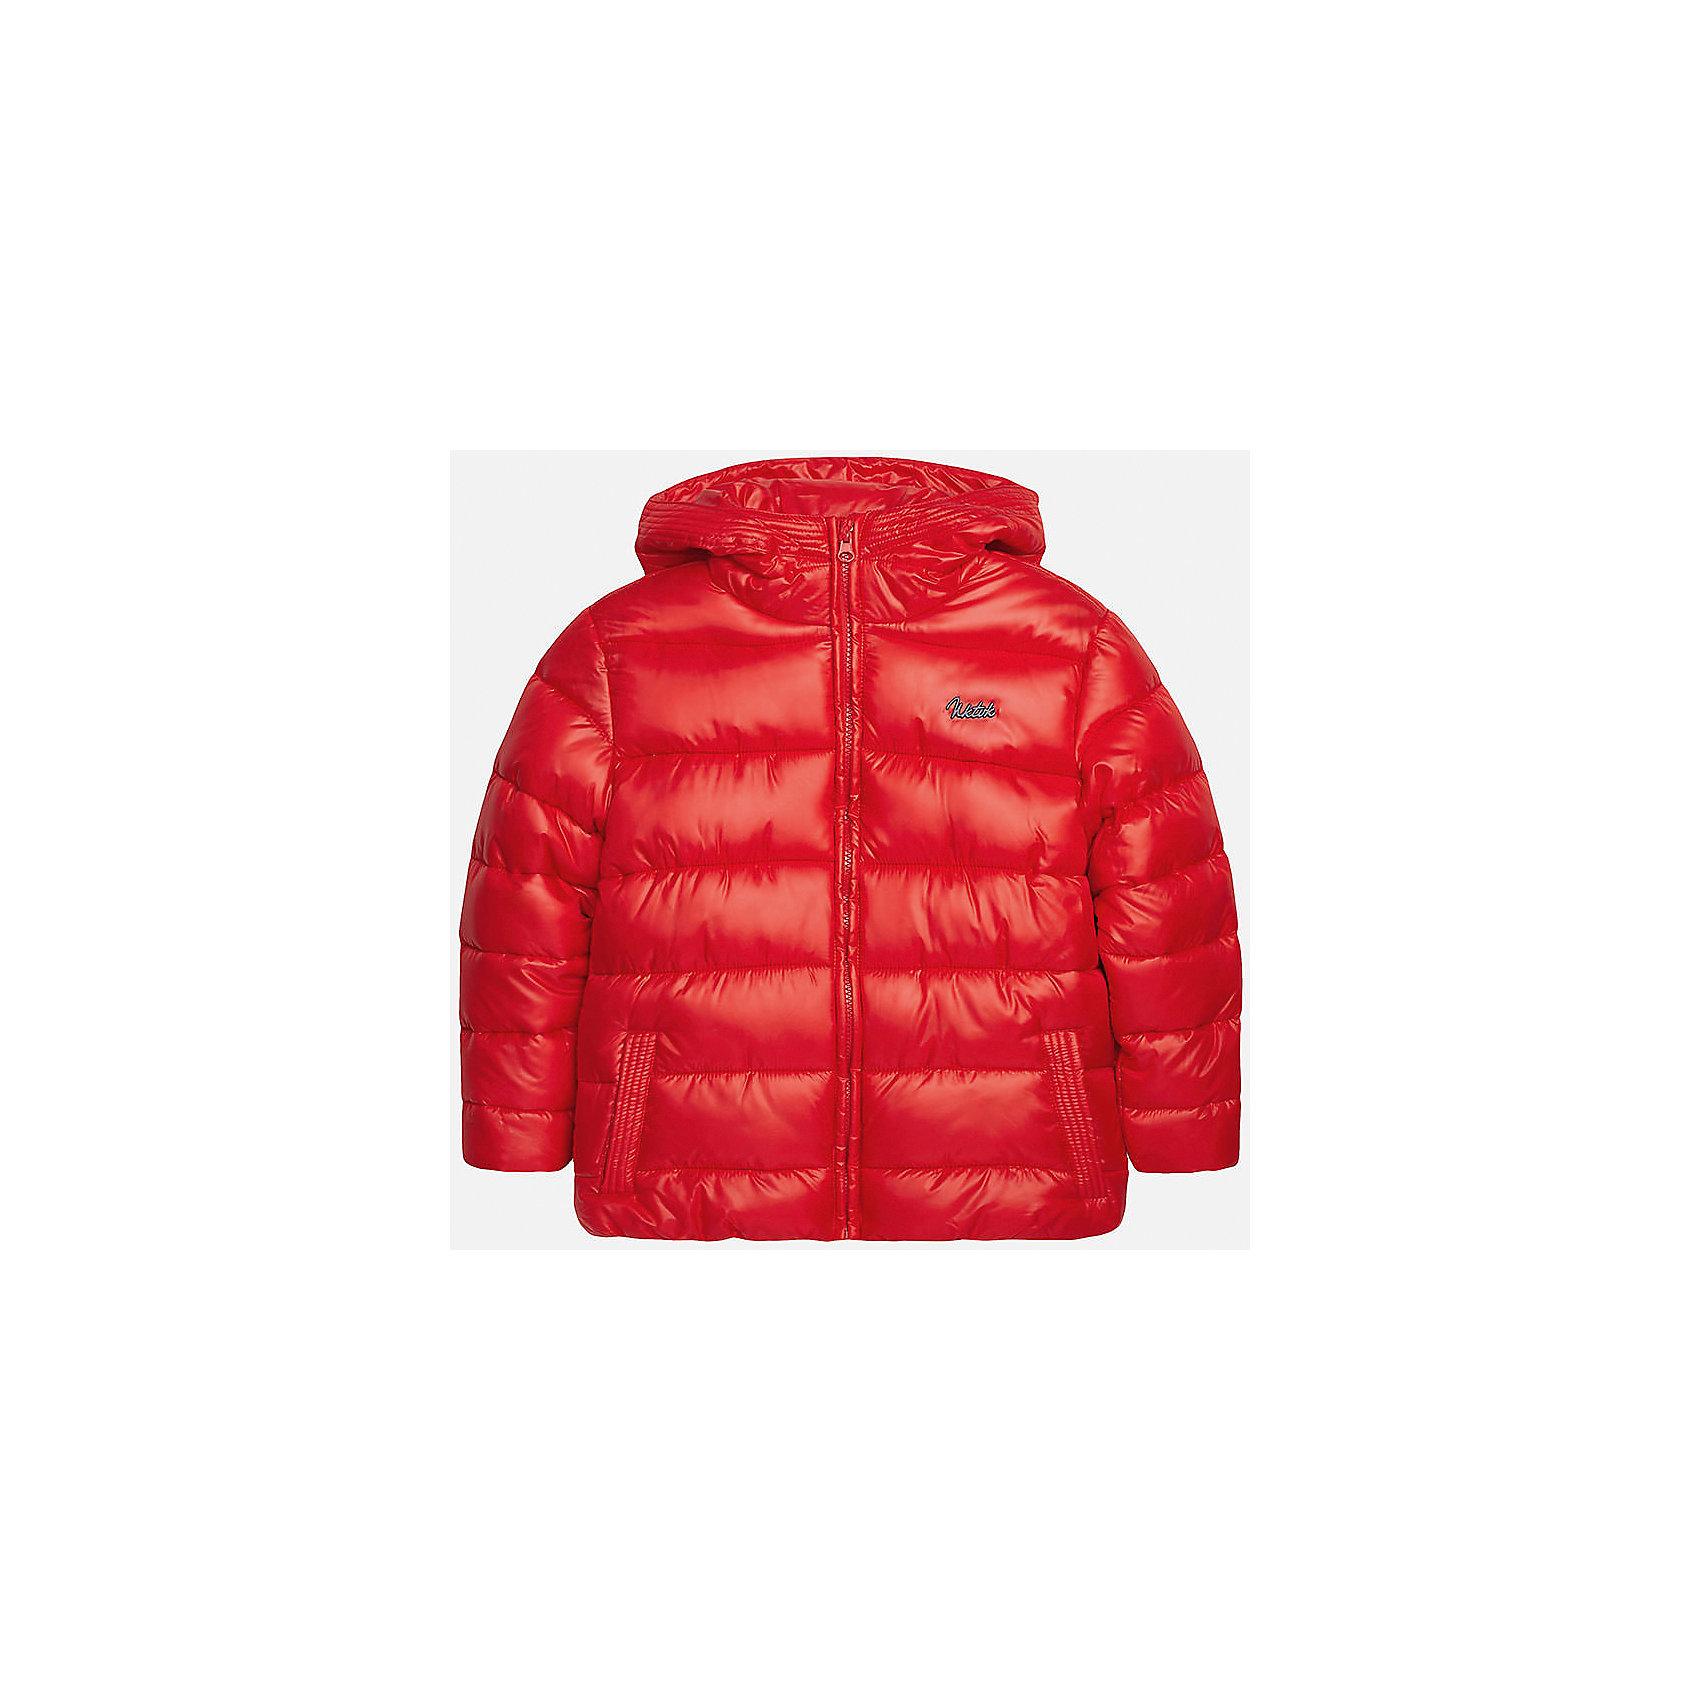 Куртка для мальчика MayoralВерхняя одежда<br>Куртка для мальчика Mayoral (Майорал)<br>Куртка для мальчика от известной испанской марки Mayoral (Майорал) выполнена из водонепроницаемого полиэстера, имеет удобный капюшон, два кармана по бокам. Модель застегивается на молнию, рукава куртки дополнены внутренними манжетами.<br><br>Дополнительная информация:<br><br>- Верх: 100% полиэстер<br>- Подкладка: 100% полиэстер<br>- Утеплитель: 100% полиэстер<br>- Уход: бережная стирка при 30 градусах<br><br>Куртку для мальчика Mayoral (Майорал) можно купить в нашем интернет-магазине.<br><br>Ширина мм: 356<br>Глубина мм: 10<br>Высота мм: 245<br>Вес г: 519<br>Цвет: коричневый<br>Возраст от месяцев: 96<br>Возраст до месяцев: 108<br>Пол: Мужской<br>Возраст: Детский<br>Размер: 128,164,158,152,146,140<br>SKU: 4821081